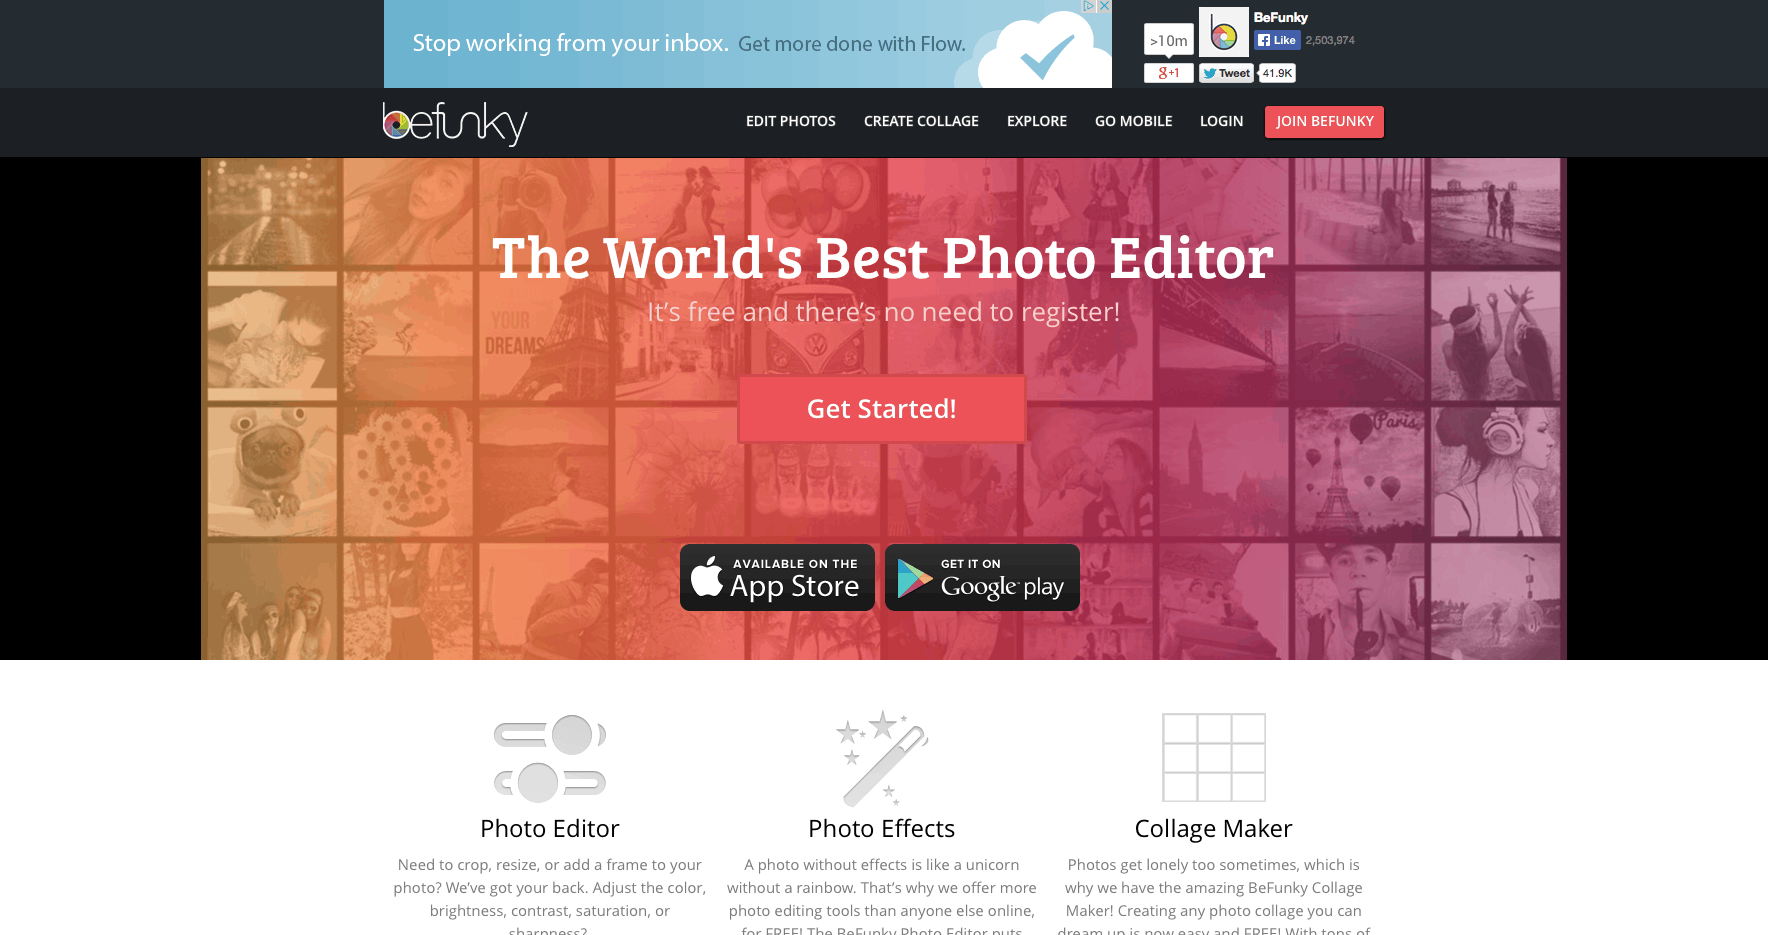 criar imagens BeFunky